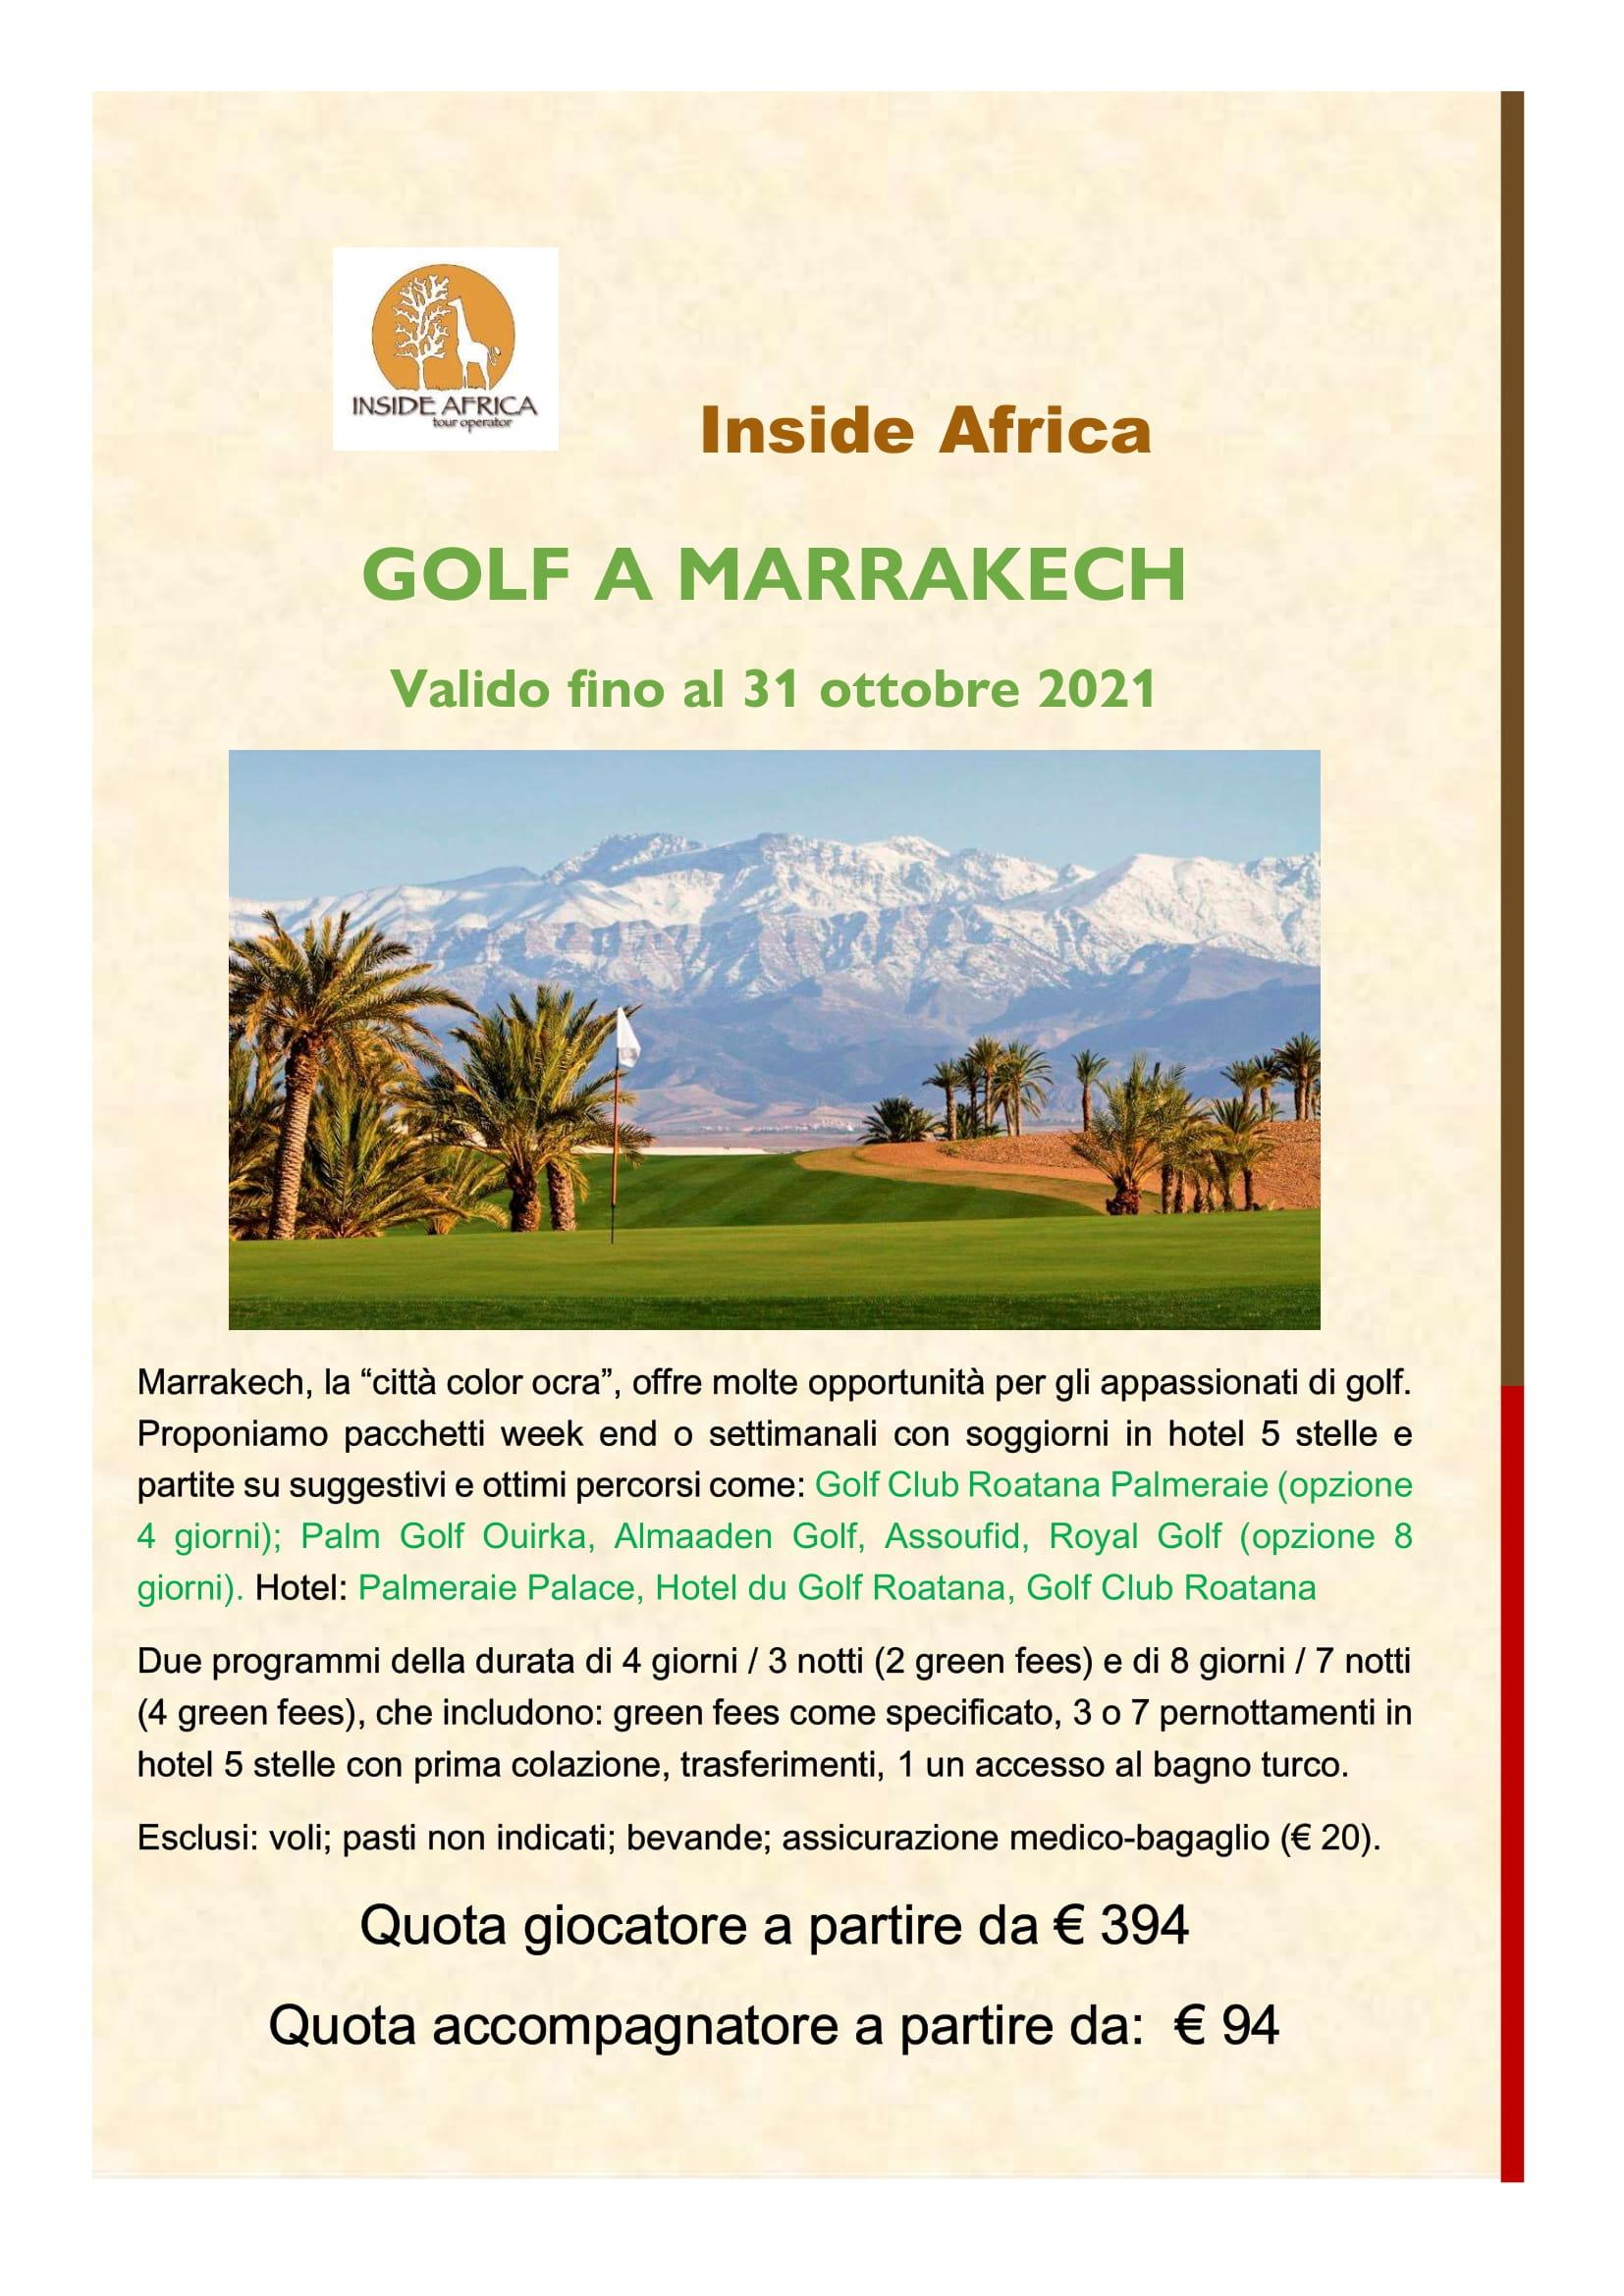 volantino-golf-a-marrakech-1